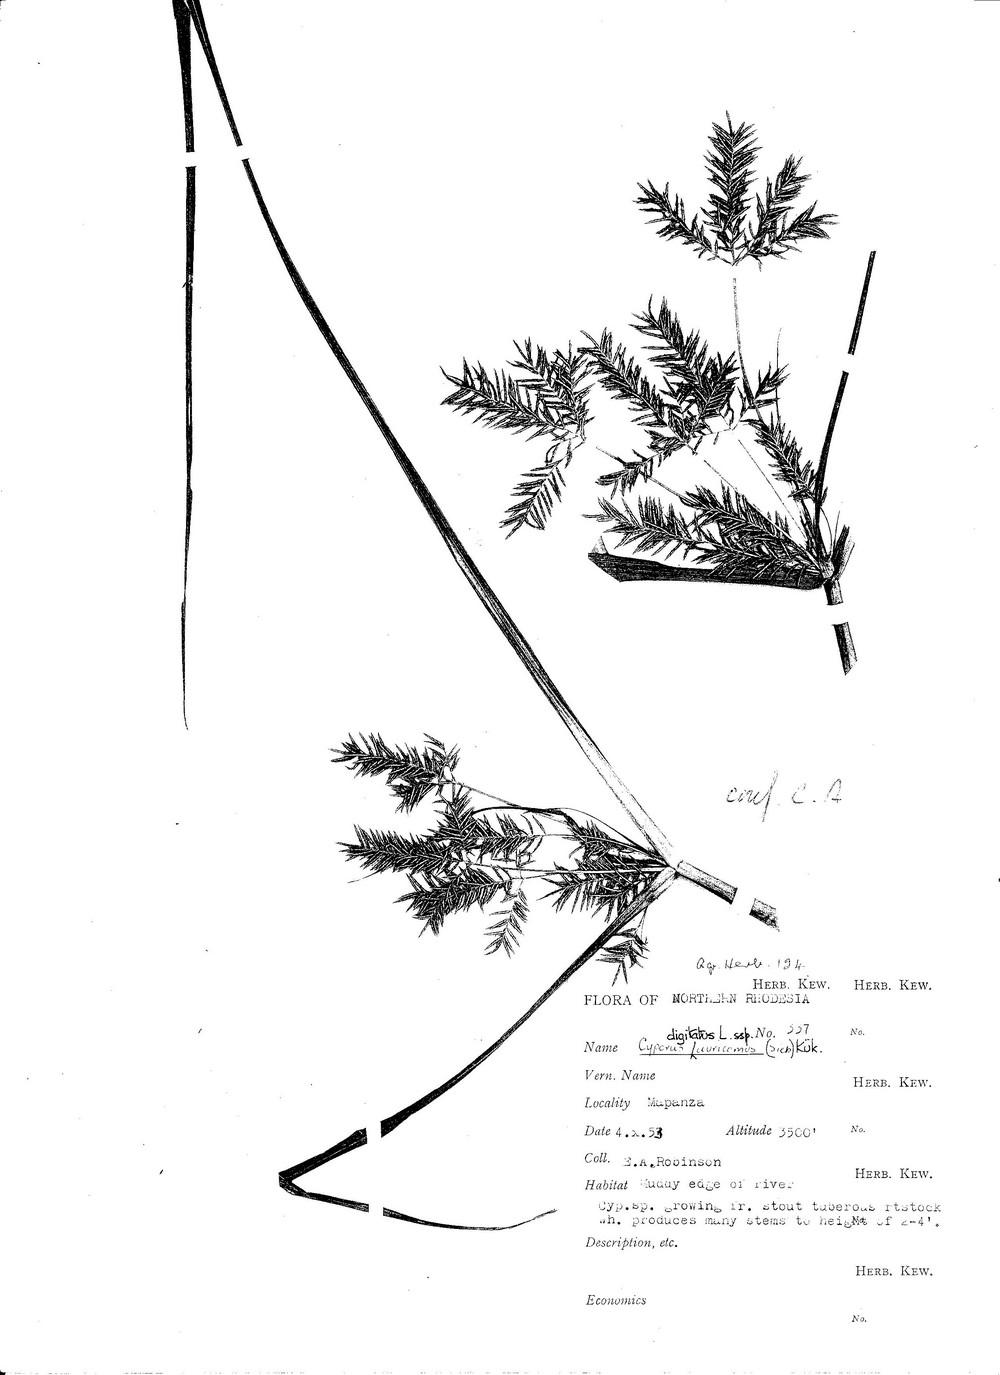 Cyperus digitatus subsp. auricomus